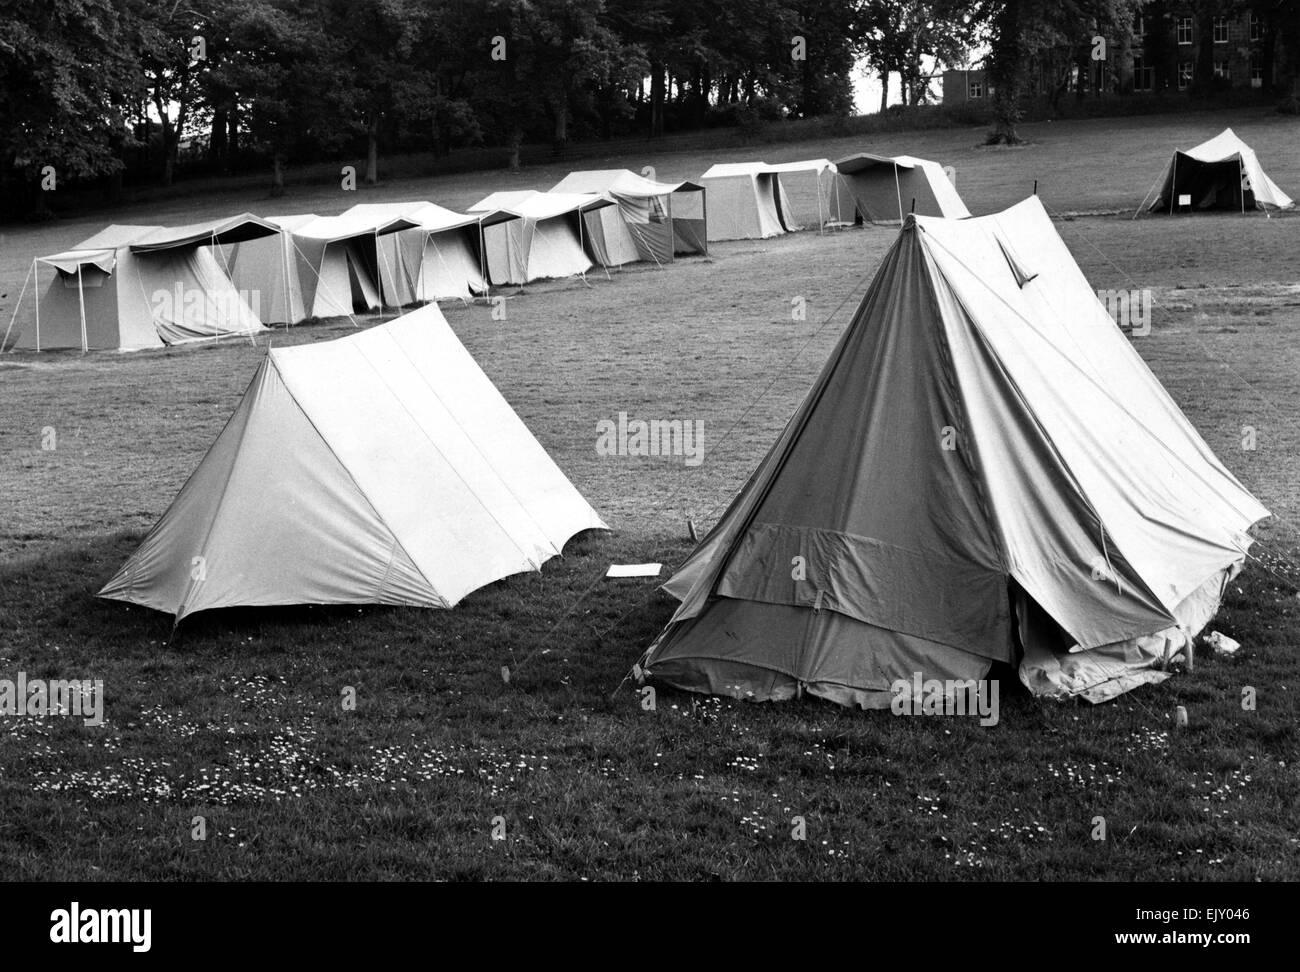 Campingplatz mit verschiedenen Größe-Zelte. 31. Juli 1966. Stockfoto